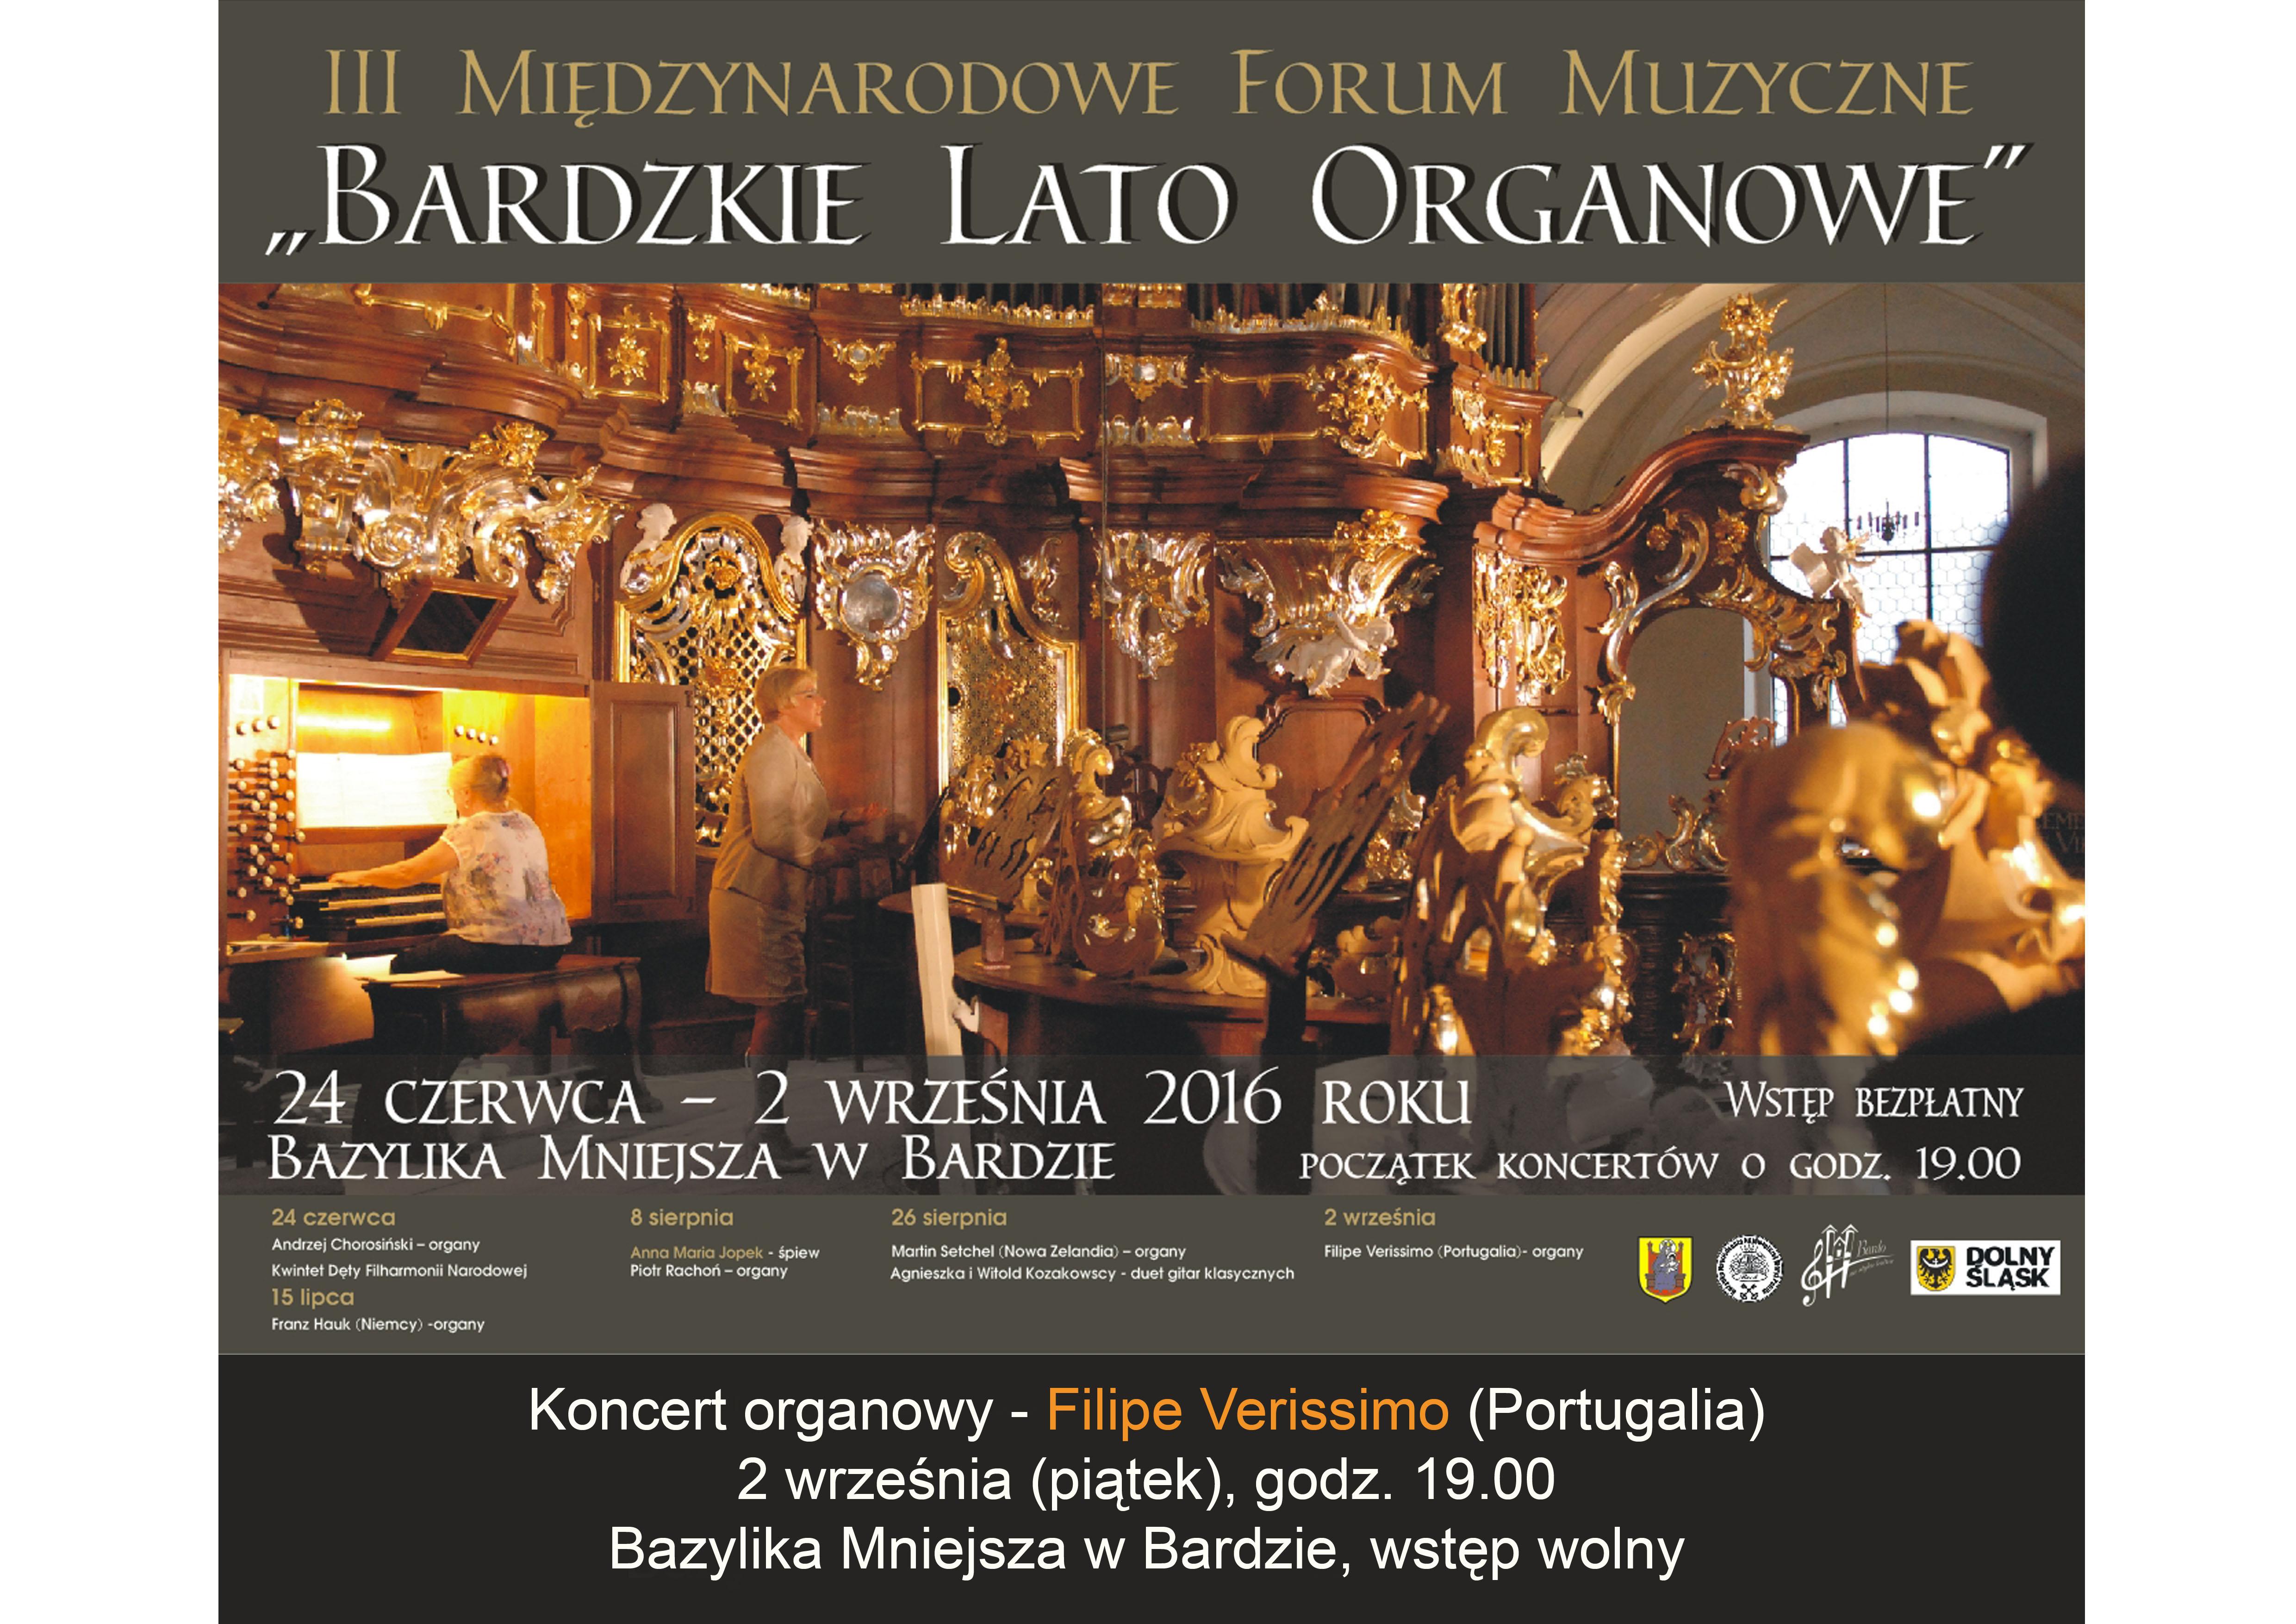 Bardzkie Lato Organowe